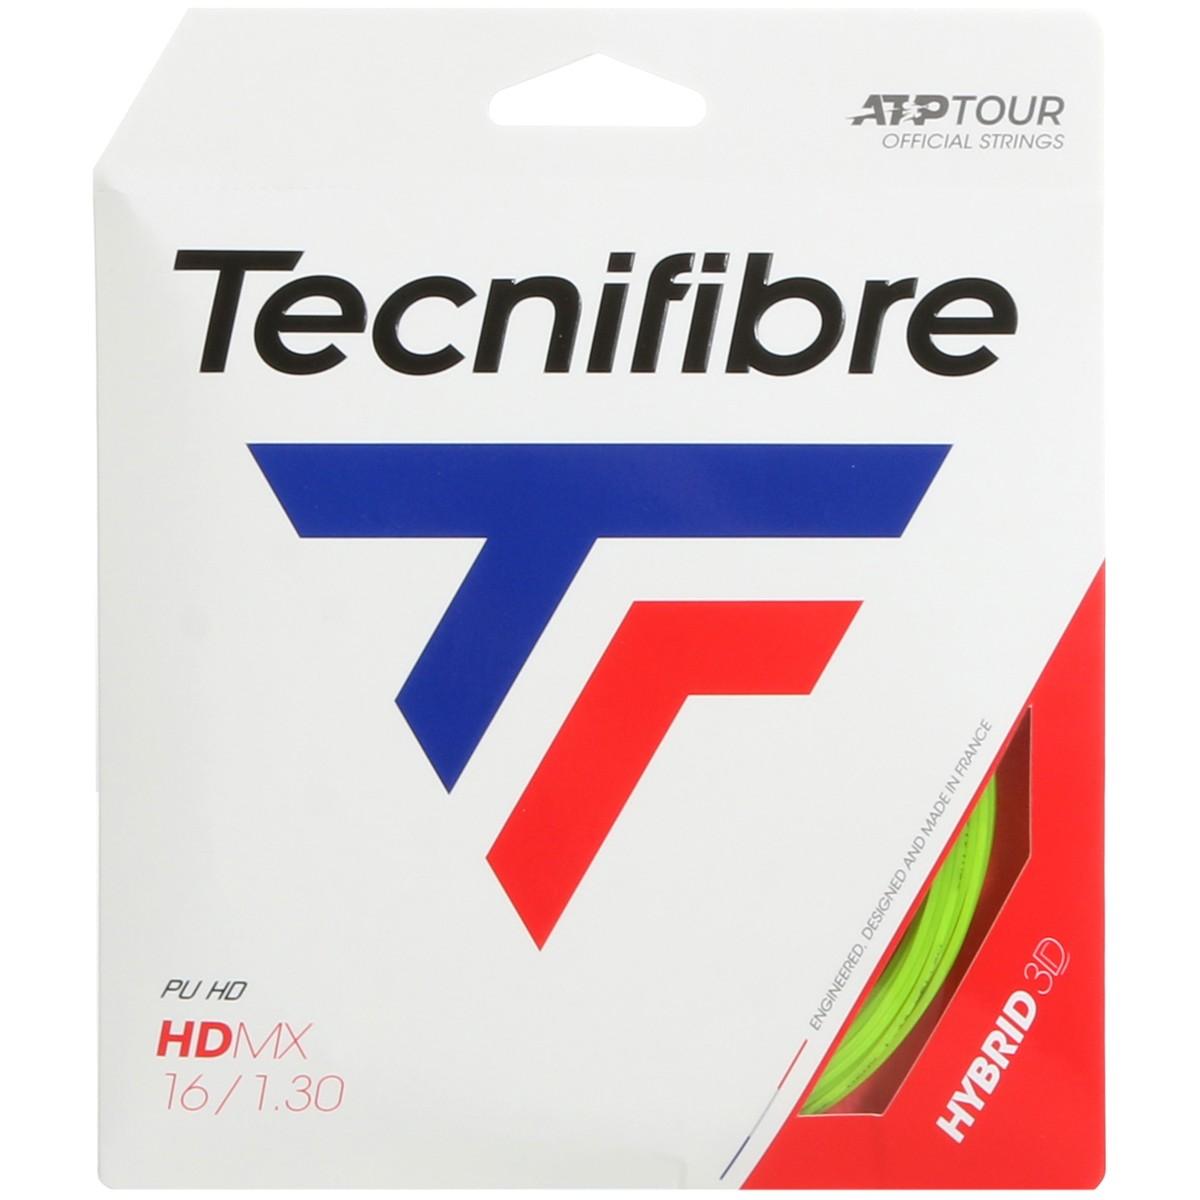 CORDAGE TECNIFIBRE HDMX (12 METRES)